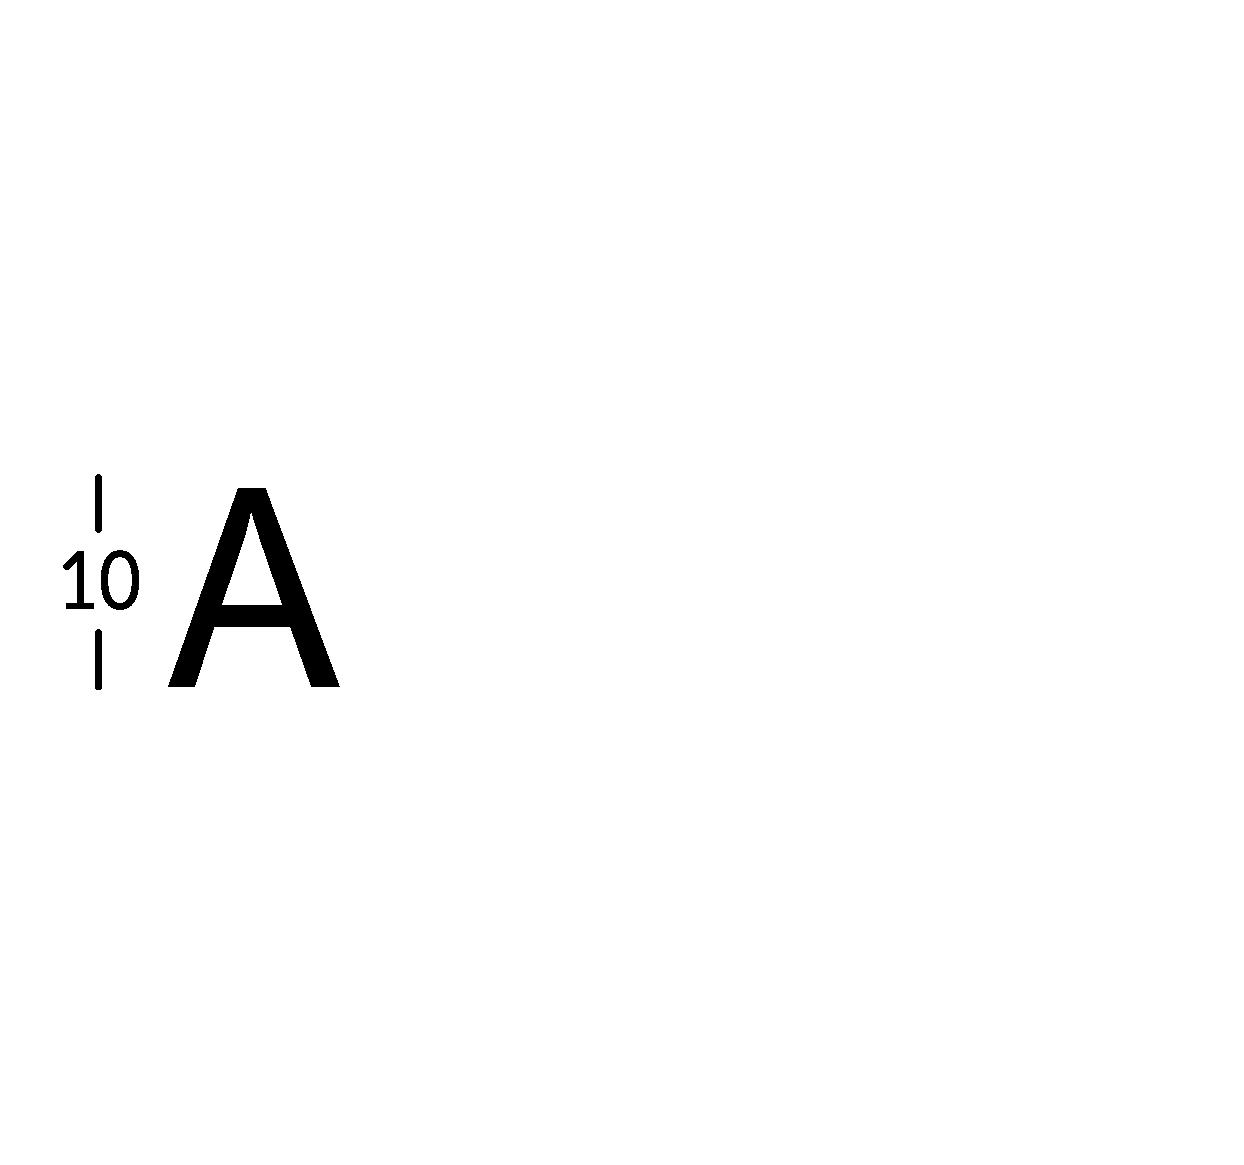 Caratteri ritagliati h10cm